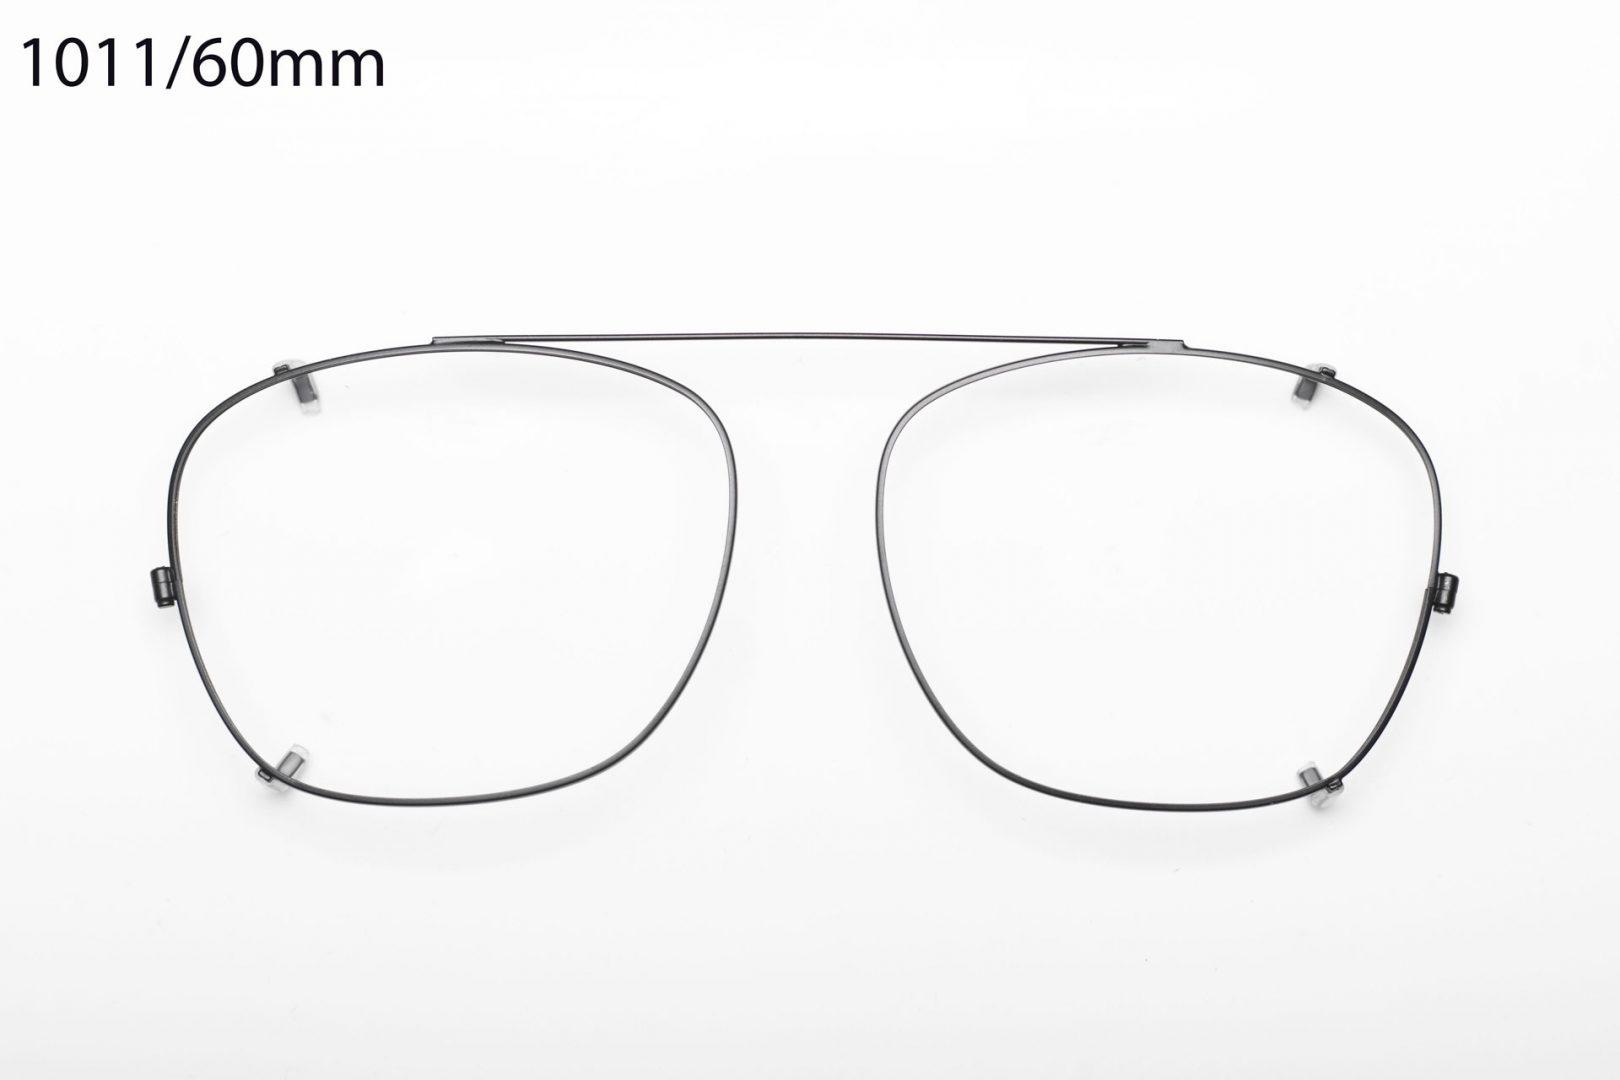 Modèle A21-101160mm